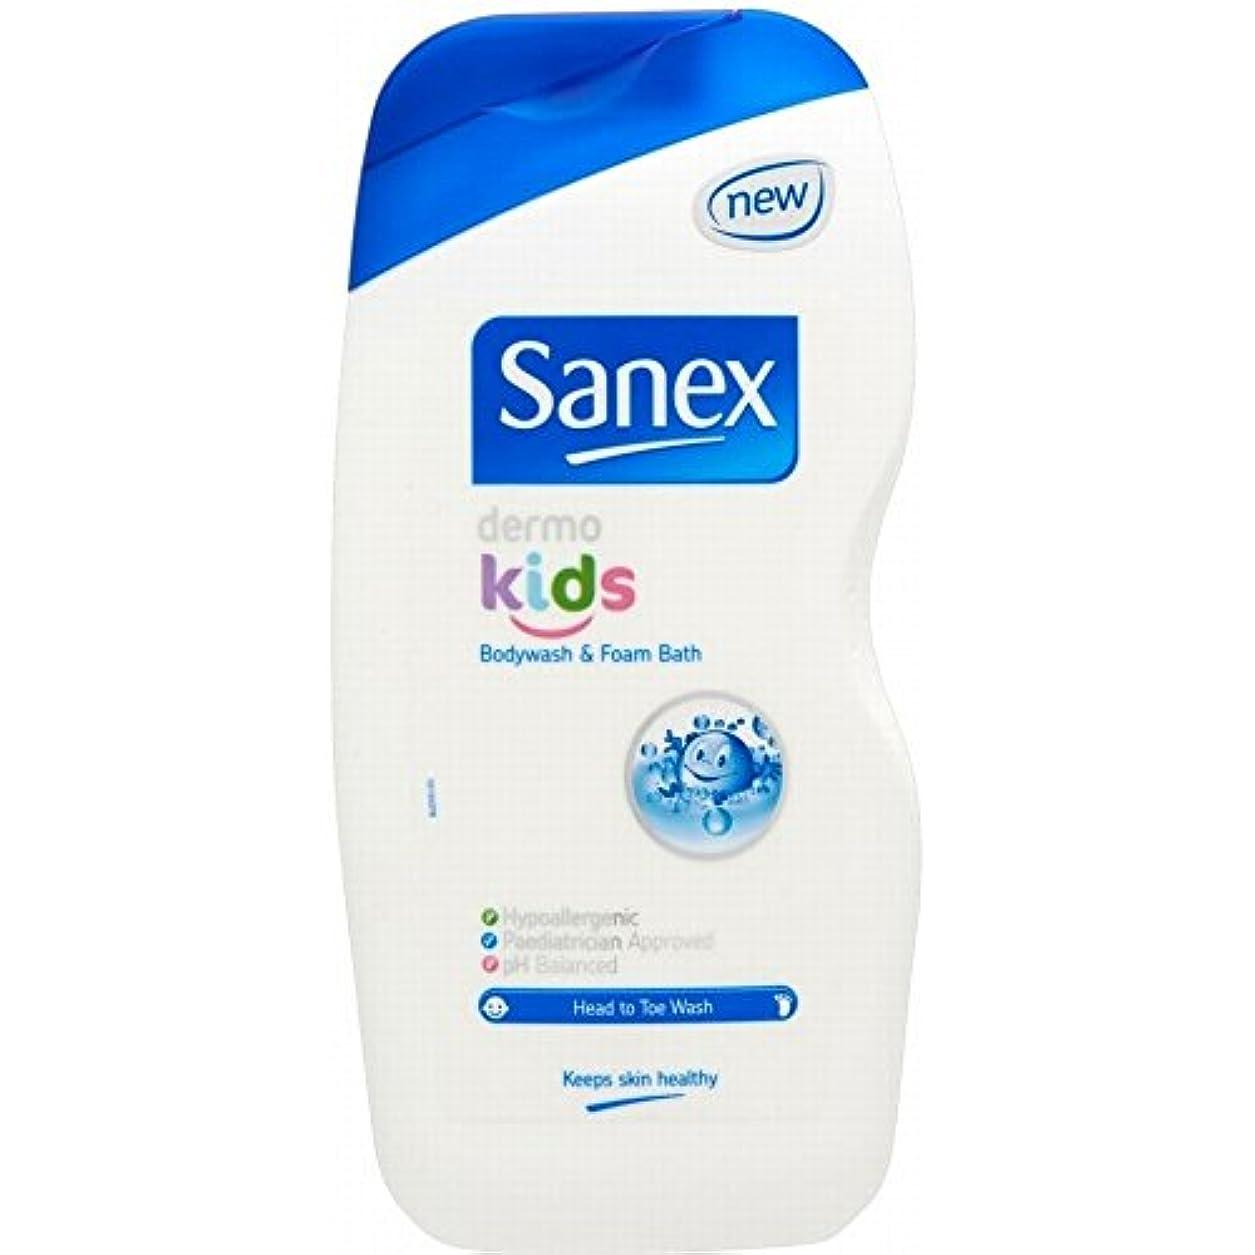 筋肉のきしむ物足りないSanex Dermo Kids Body Wash & Foam Bath (500ml) Sanex真皮キッズボディウォッシュと泡風呂( 500ミリリットル) [並行輸入品]